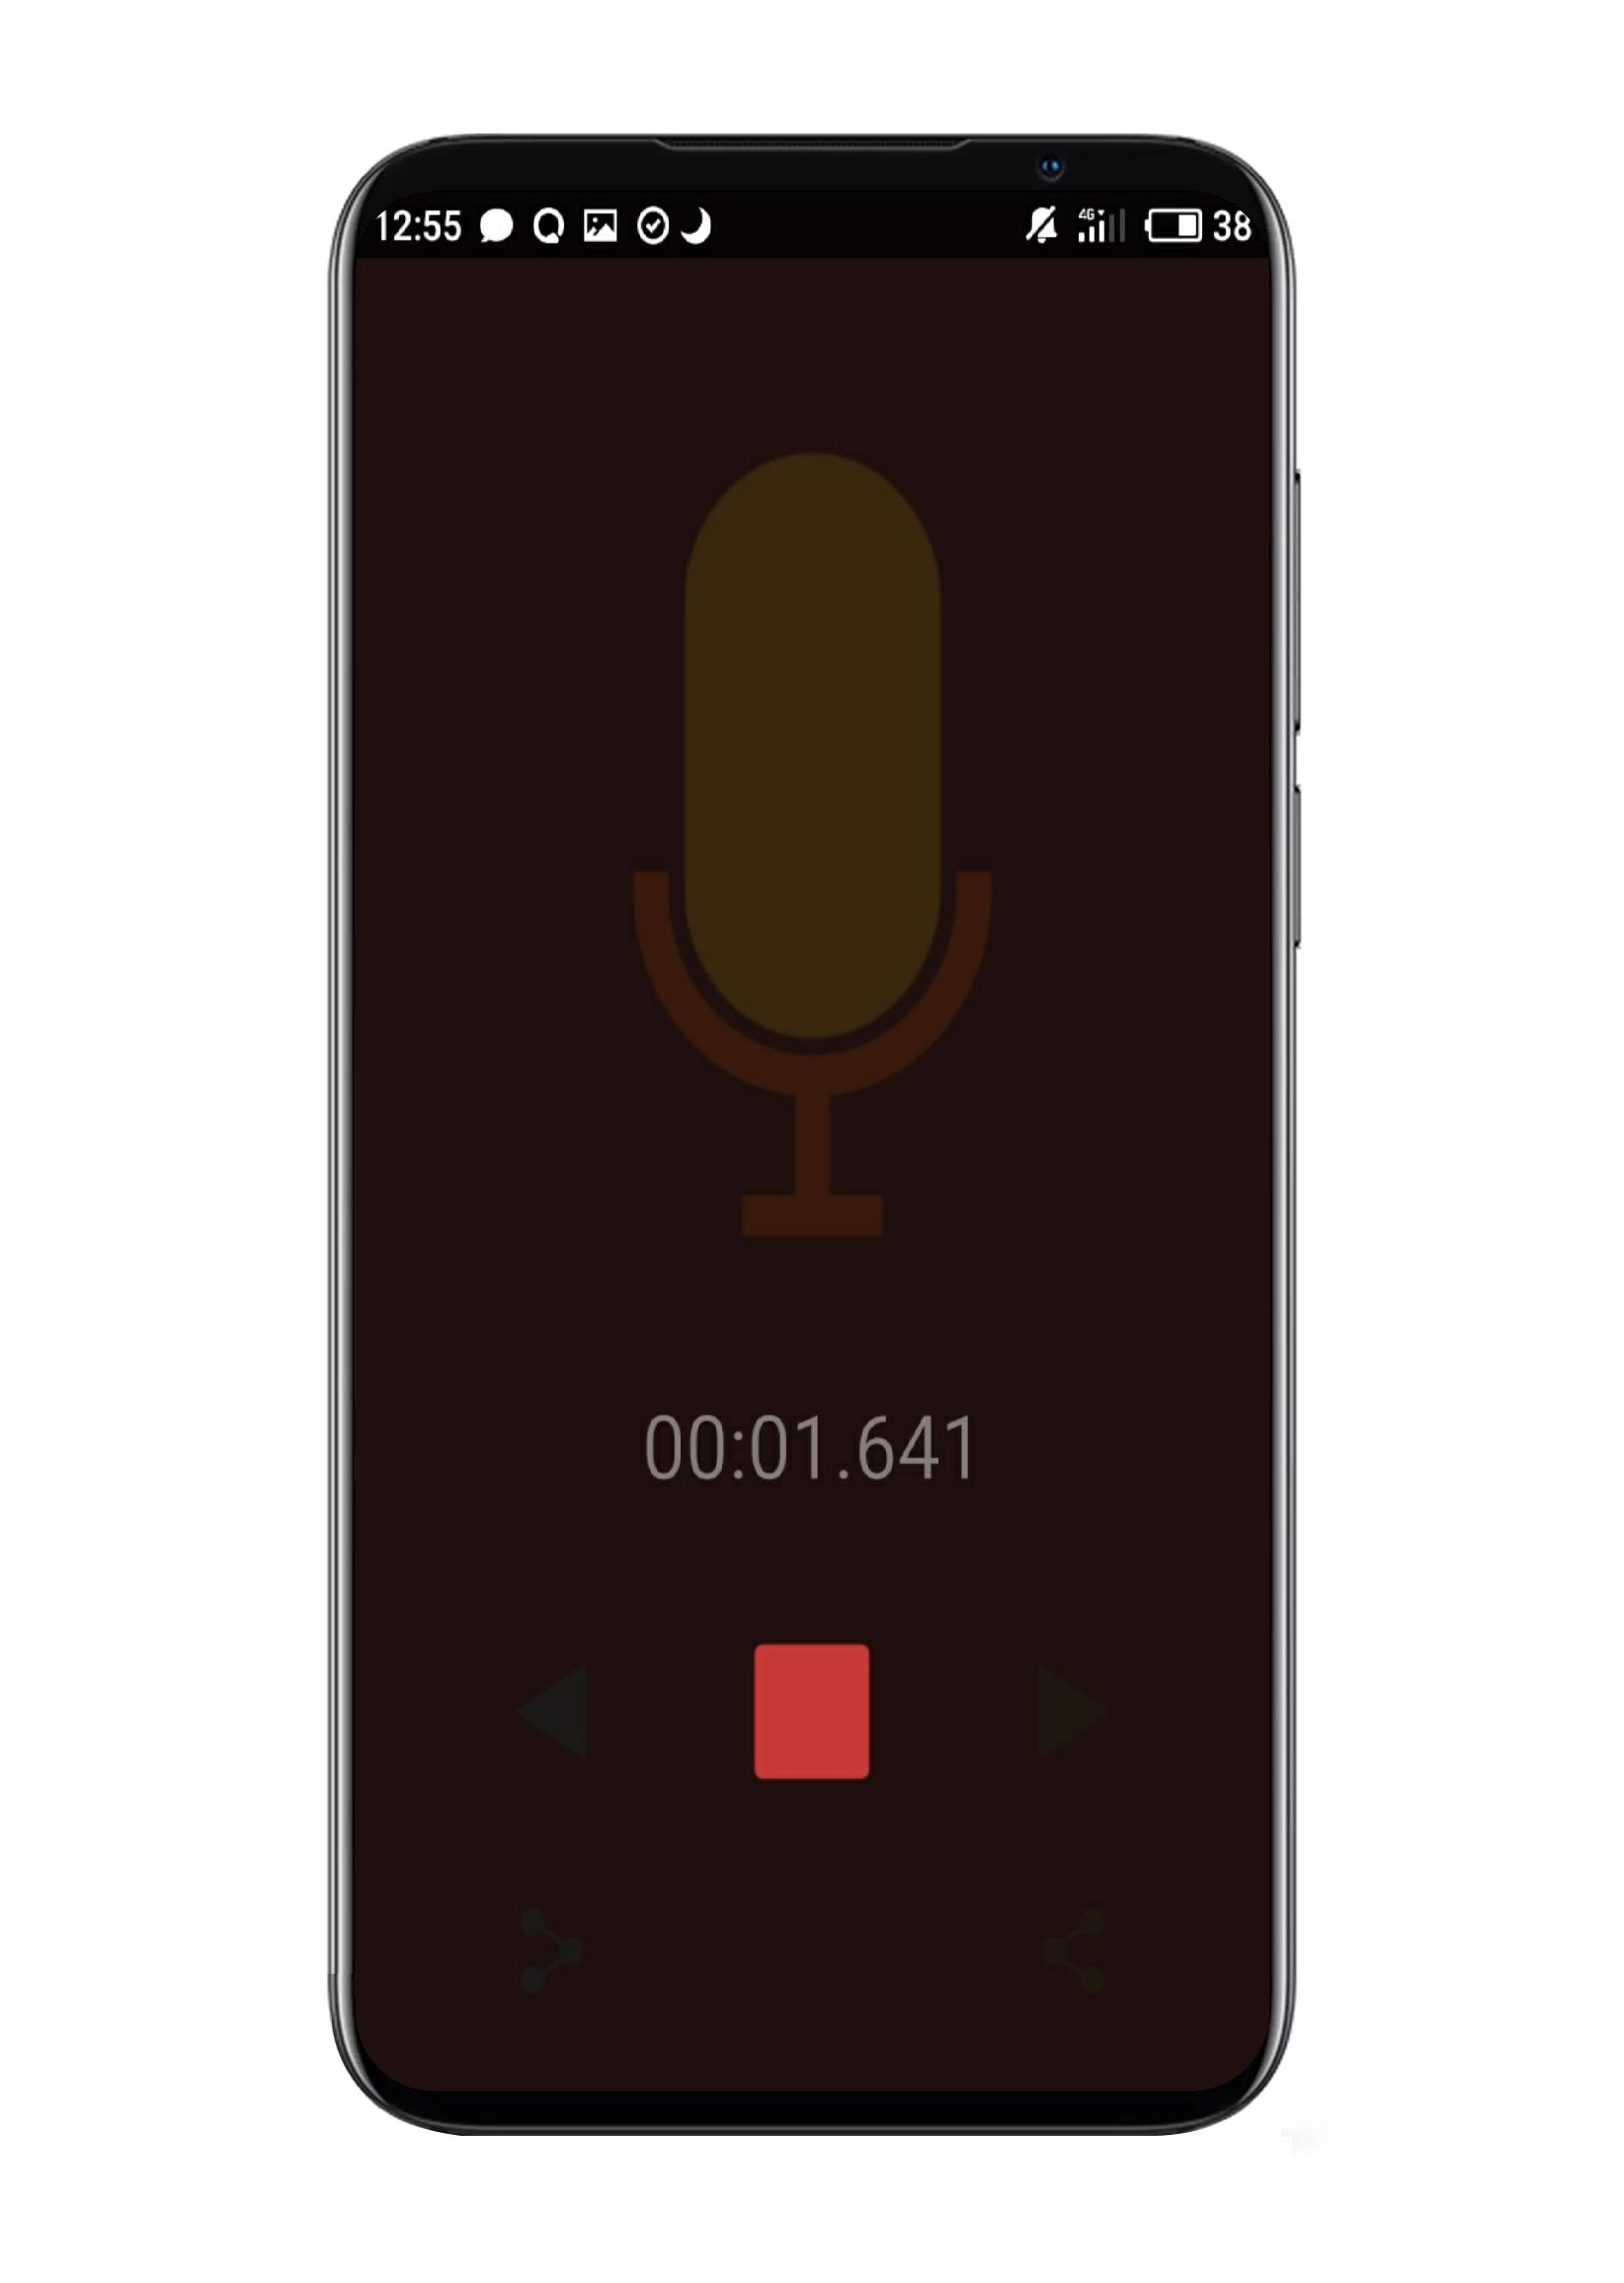 【分享】声音倒放软件1.0.17